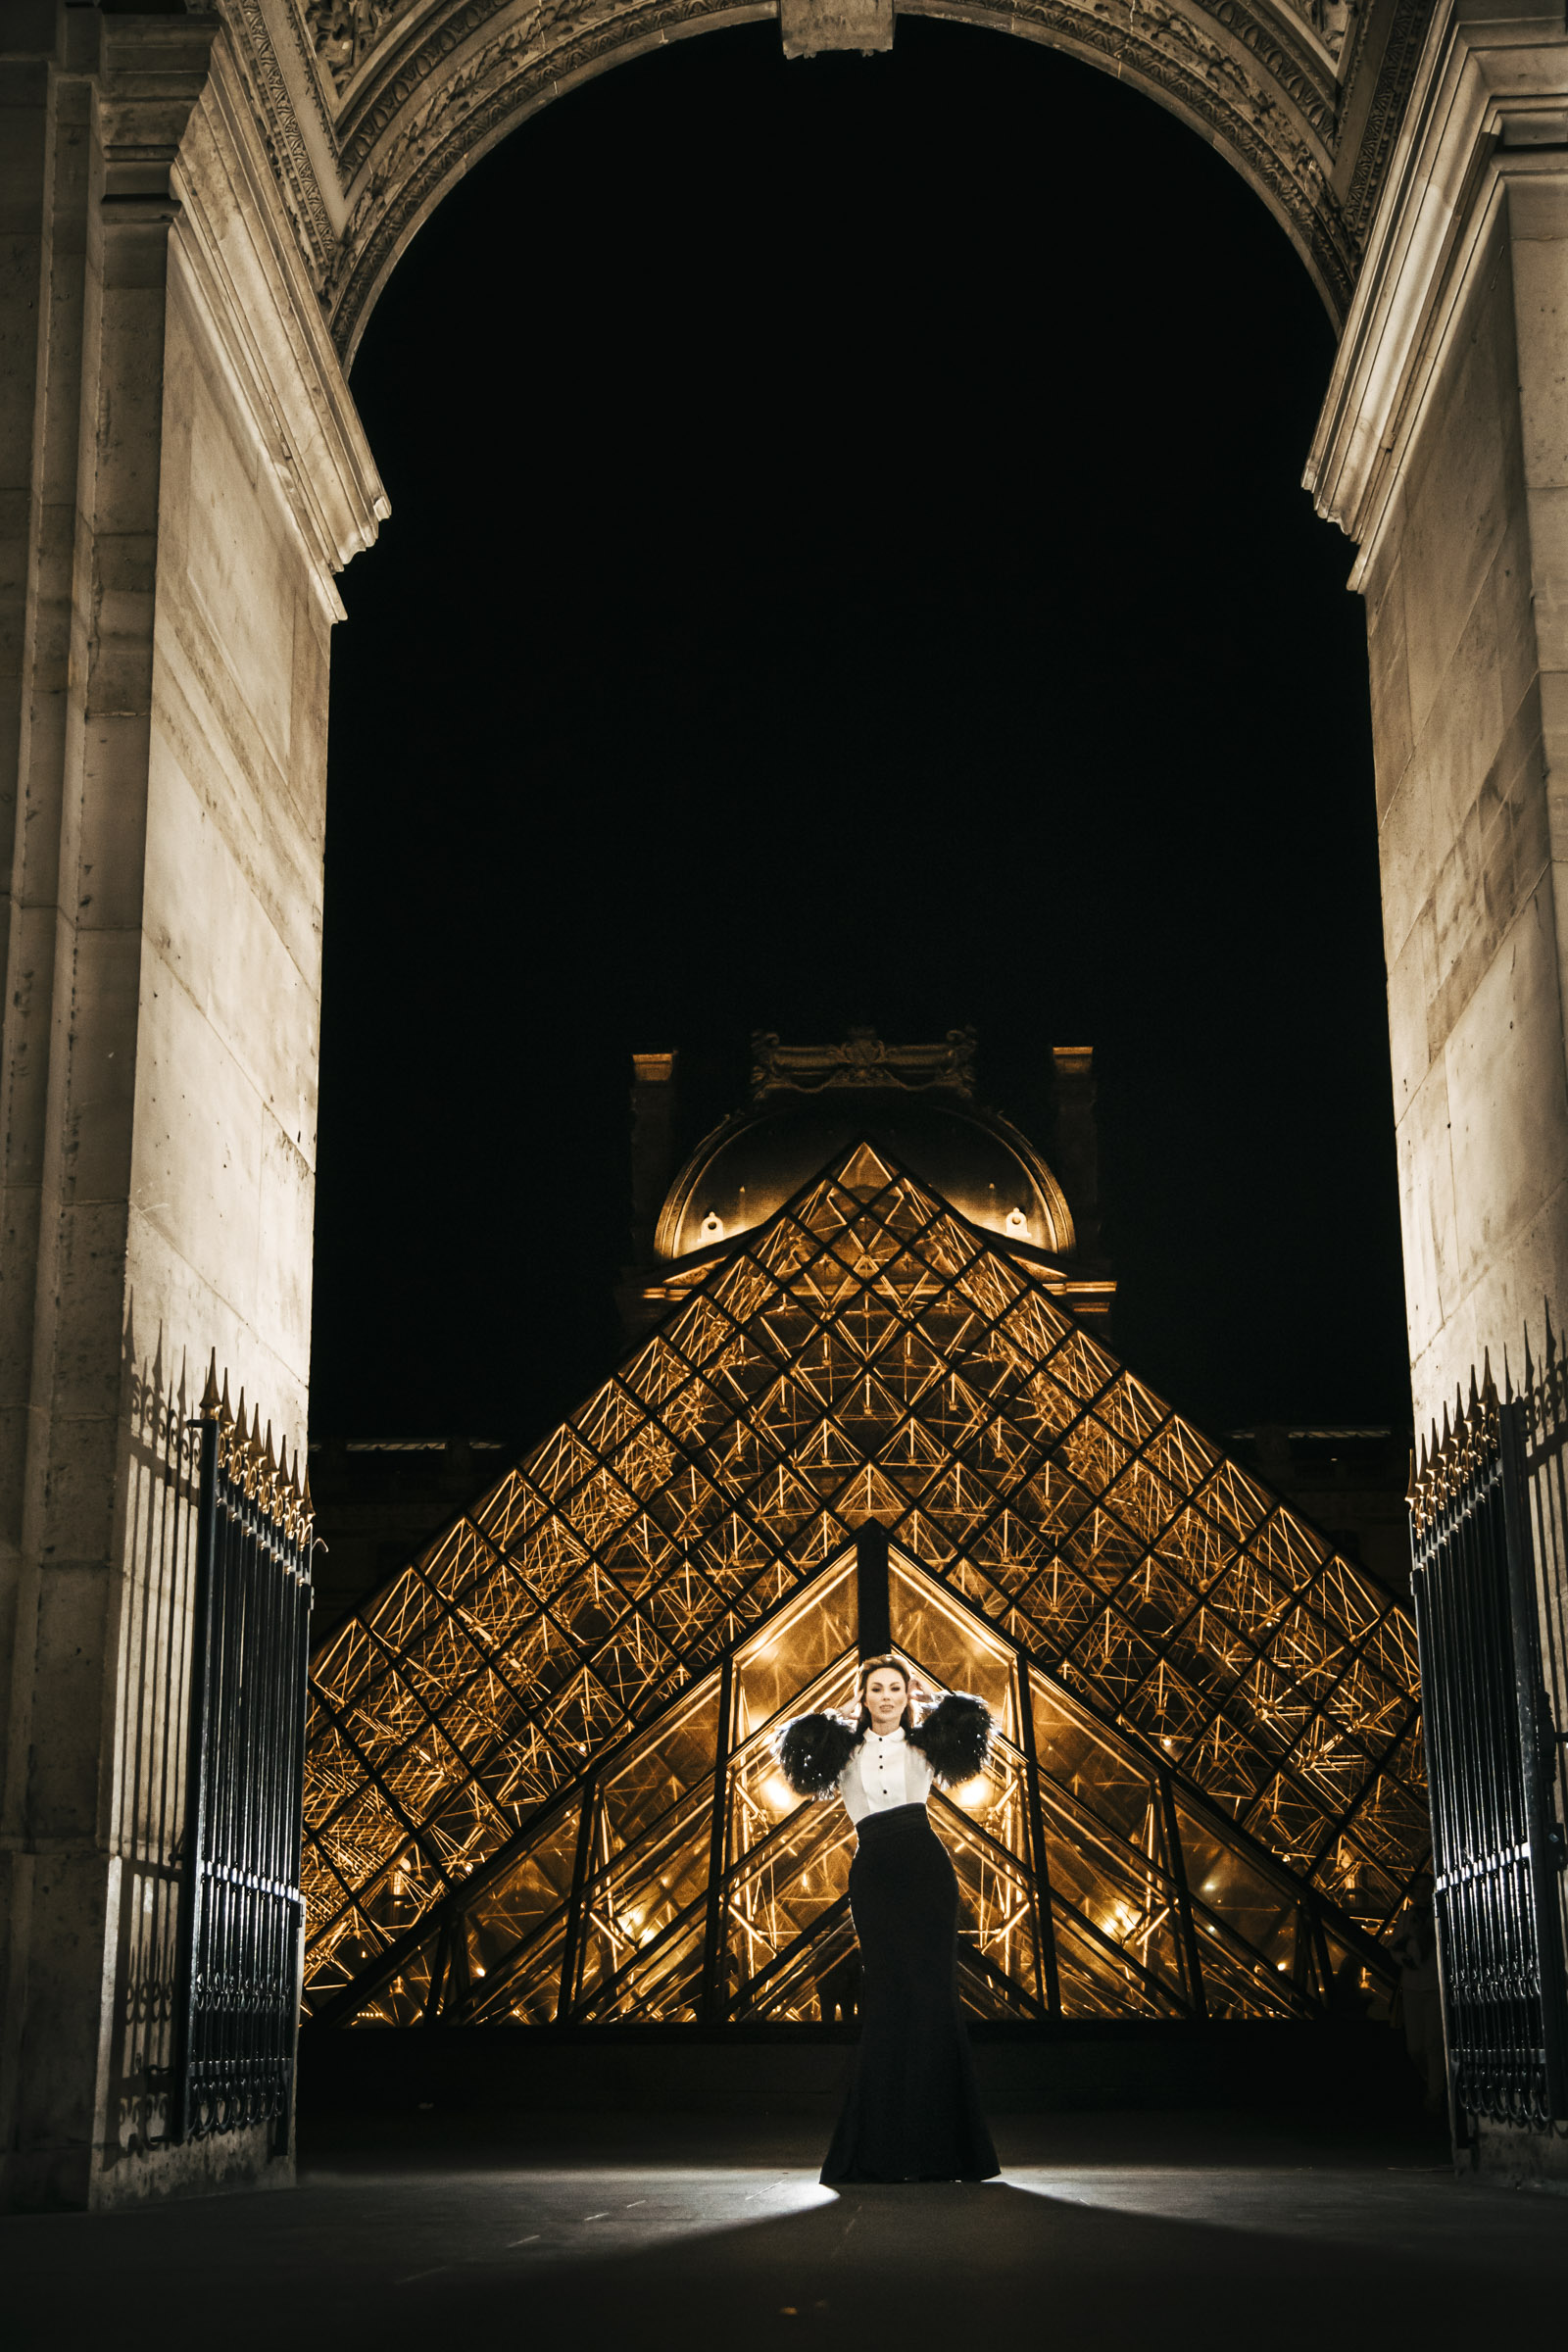 paris fashion photo lourve museum